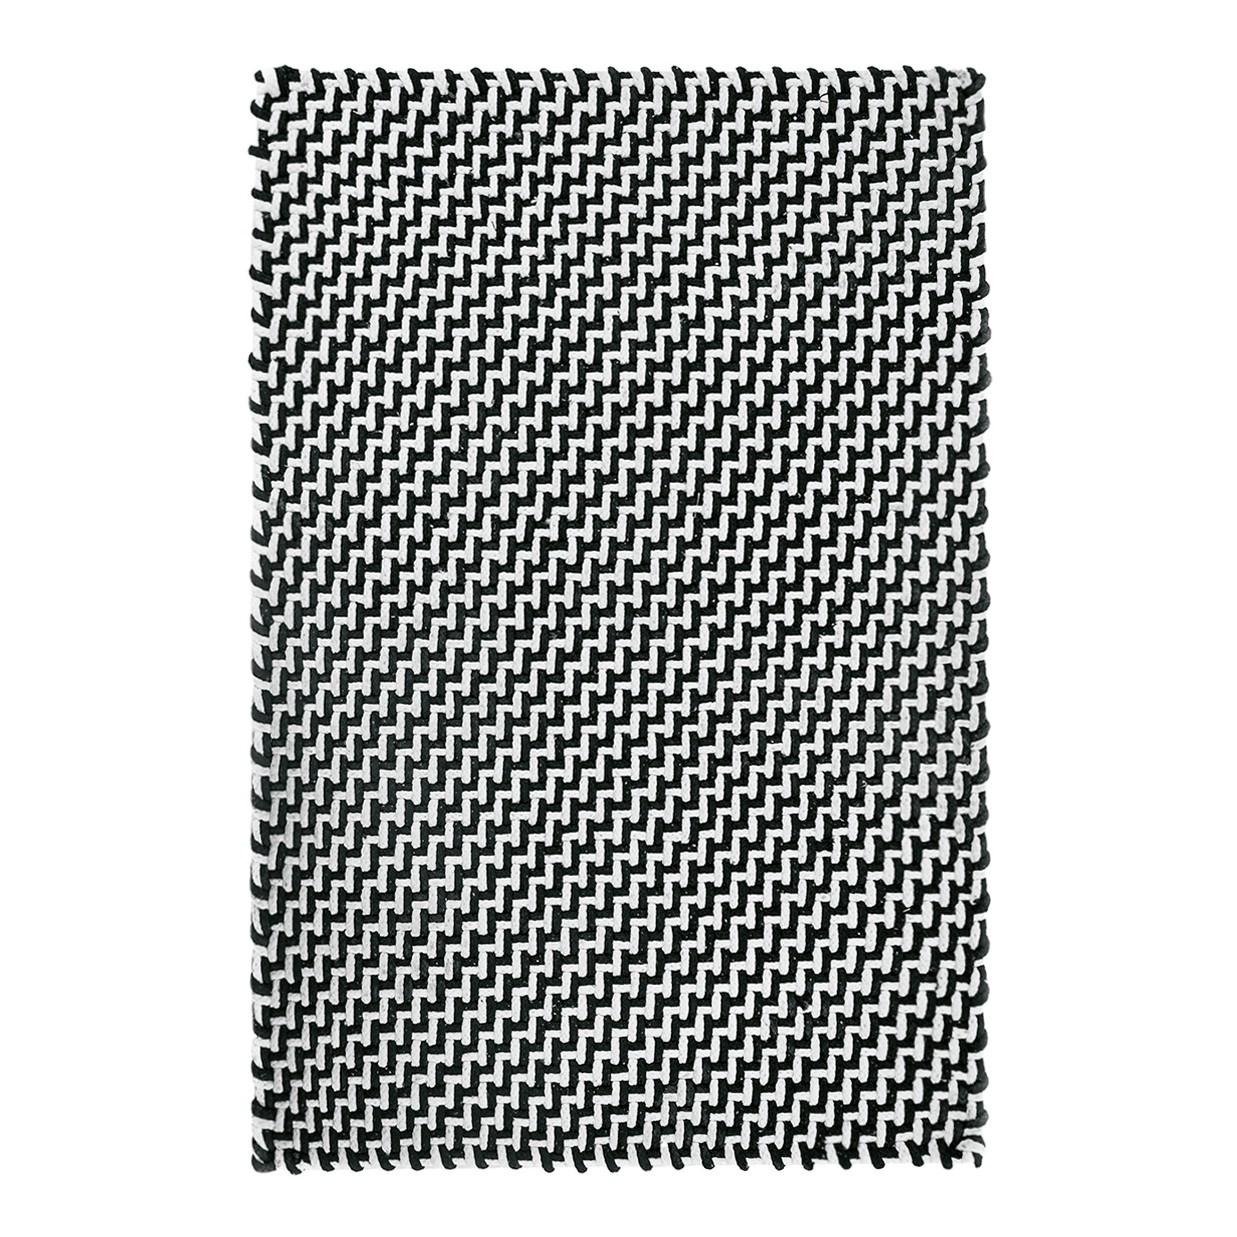 teppich schwarz weiss preisvergleich die besten angebote online kaufen. Black Bedroom Furniture Sets. Home Design Ideas